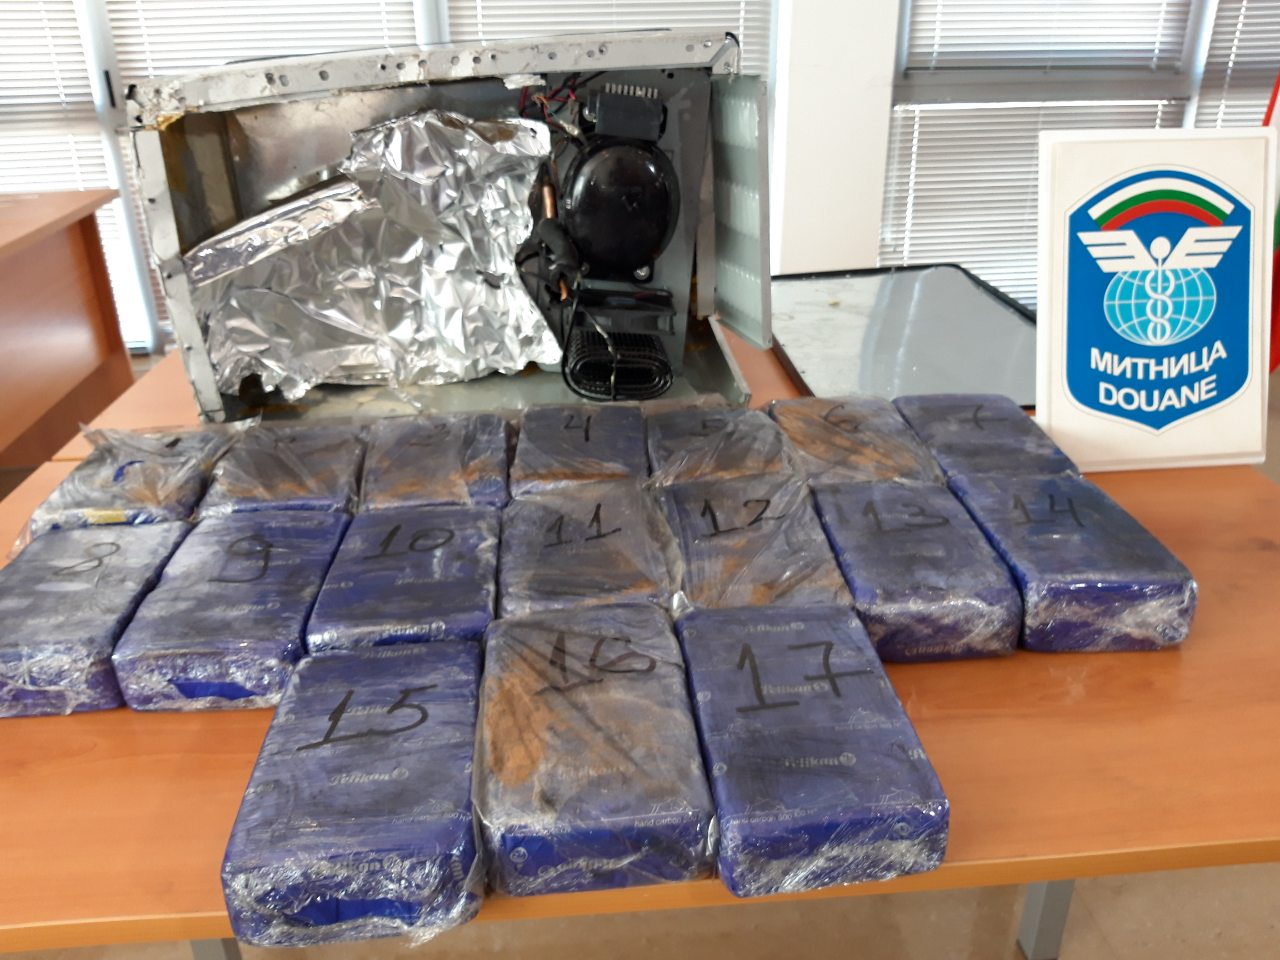 Над 17 кг хероин в хладилна чанта задържаха на Капитан Андреево. Арестуваха и поръчител на пратката